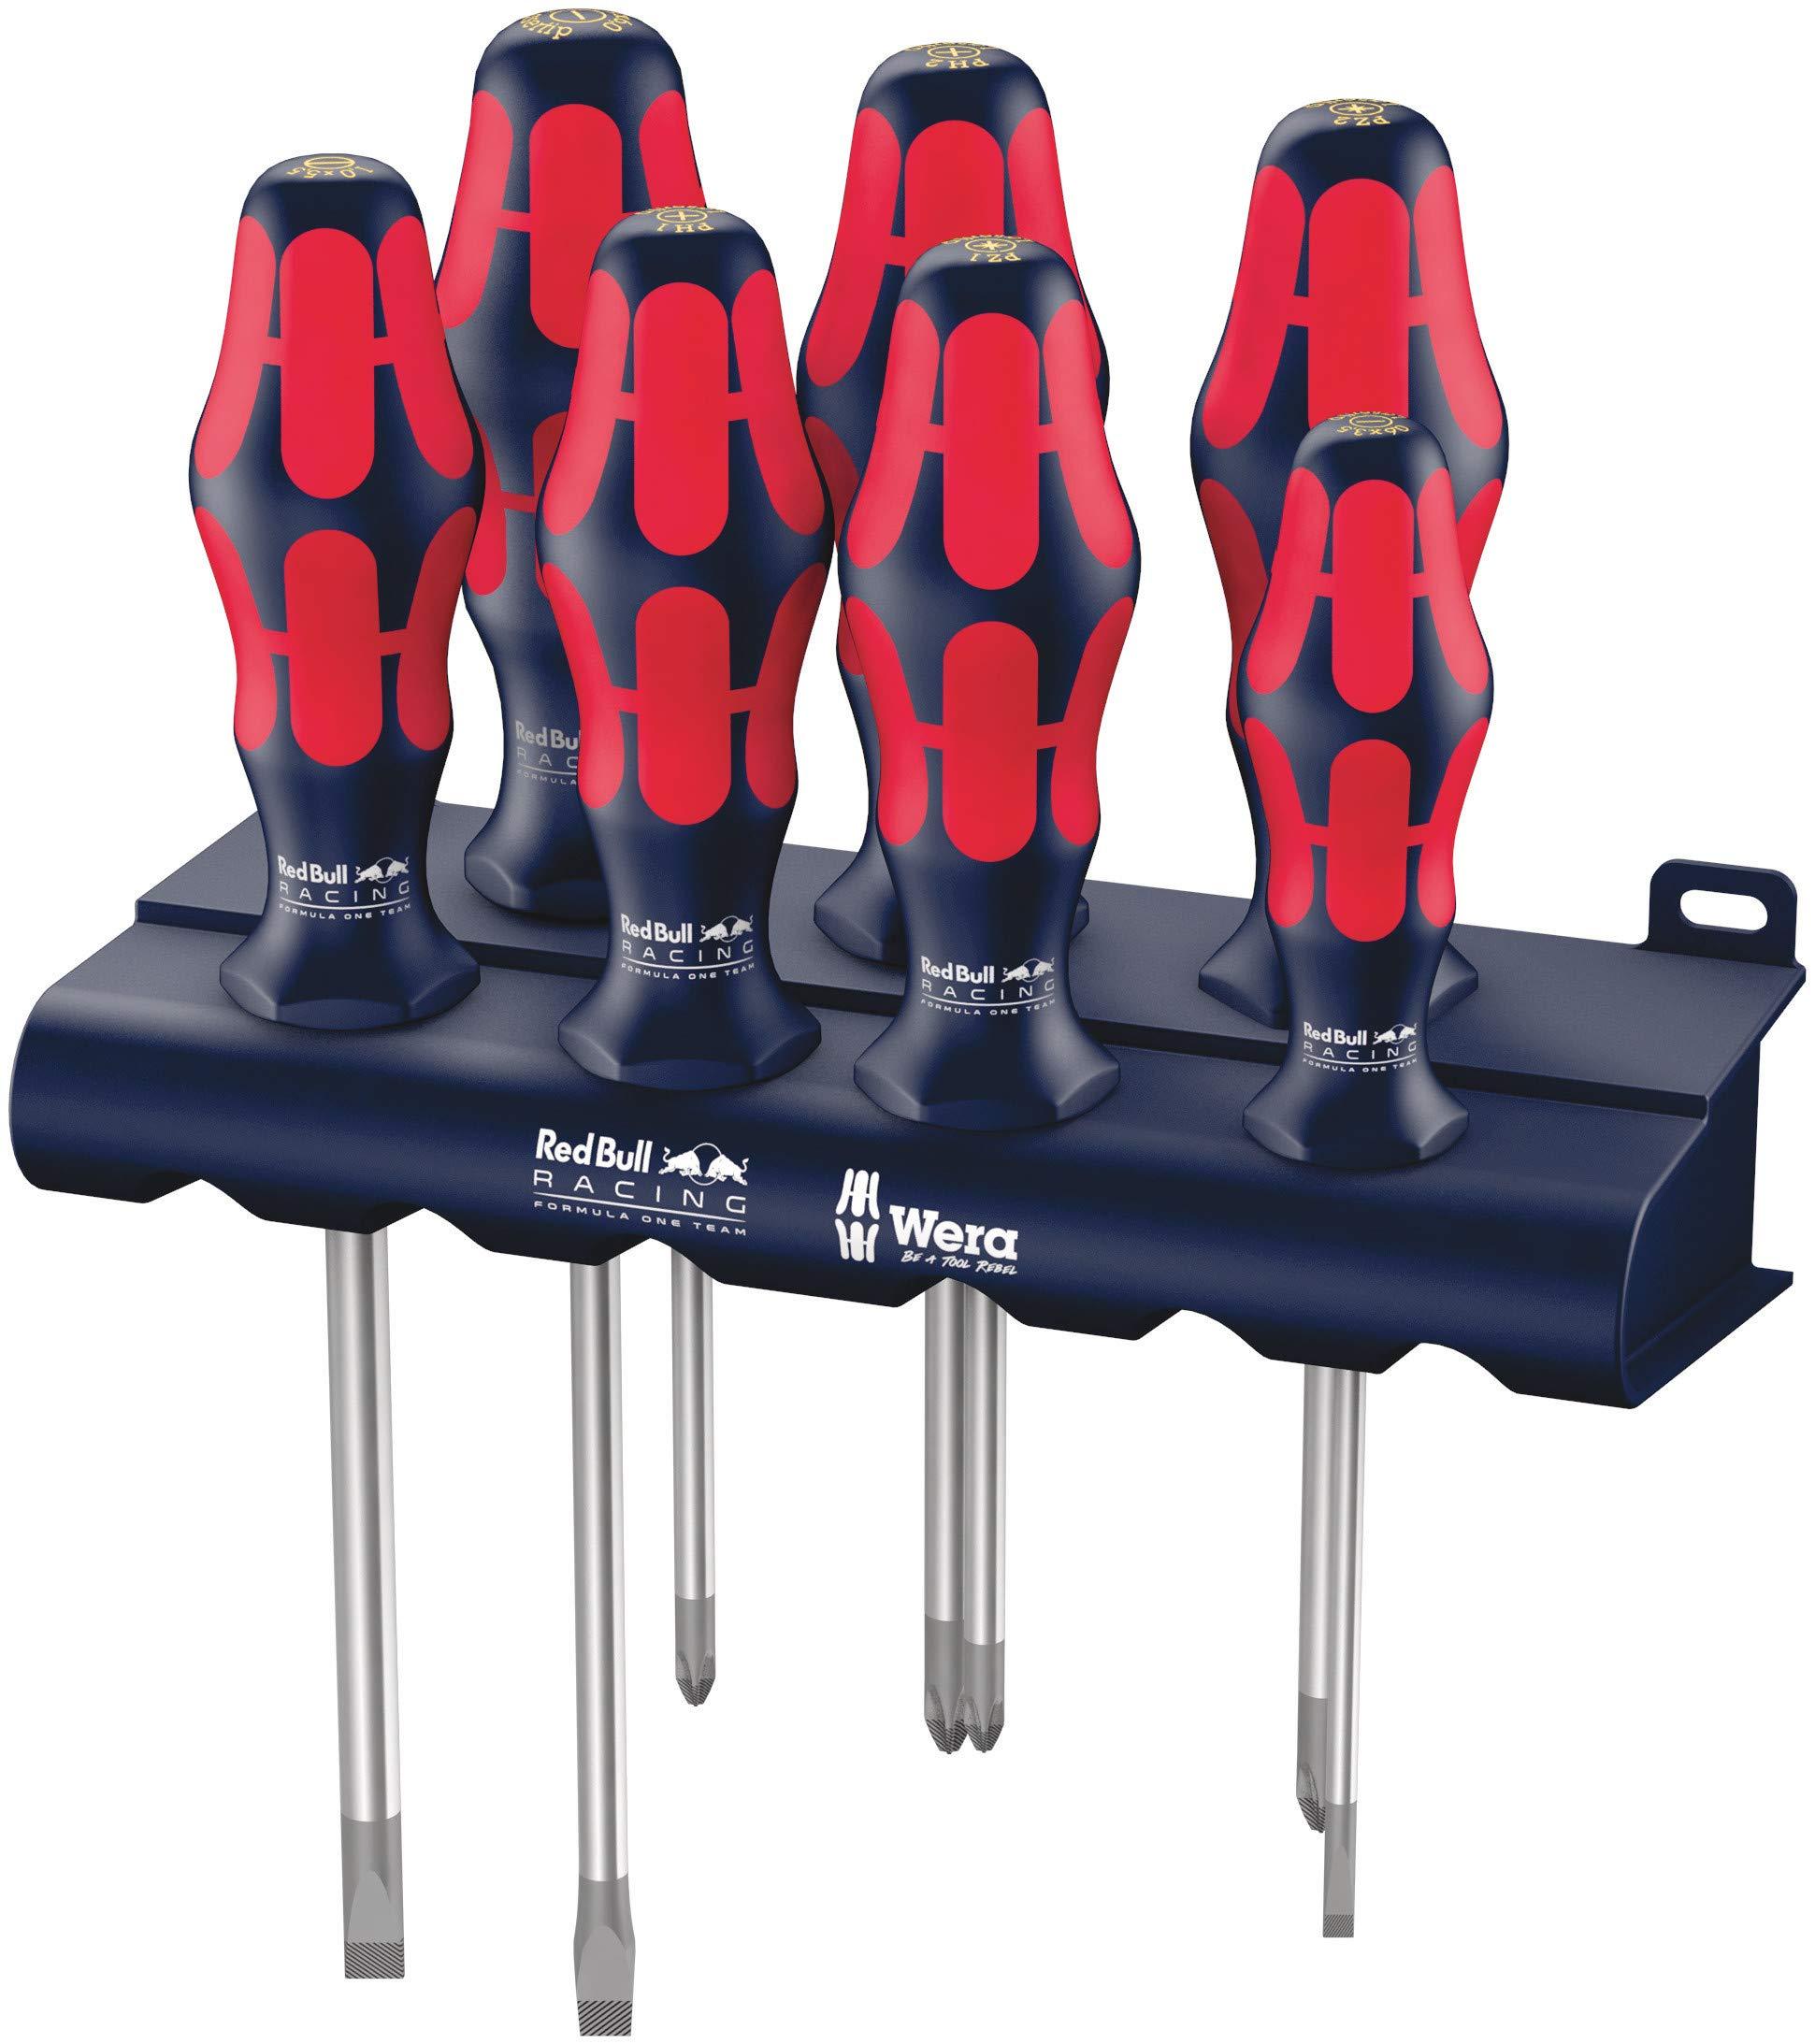 Wera 05227700001 Red Bull Racing Screwdriver Set, Kraftform Plus Lasertip, Rack, 7-Piece by Wera